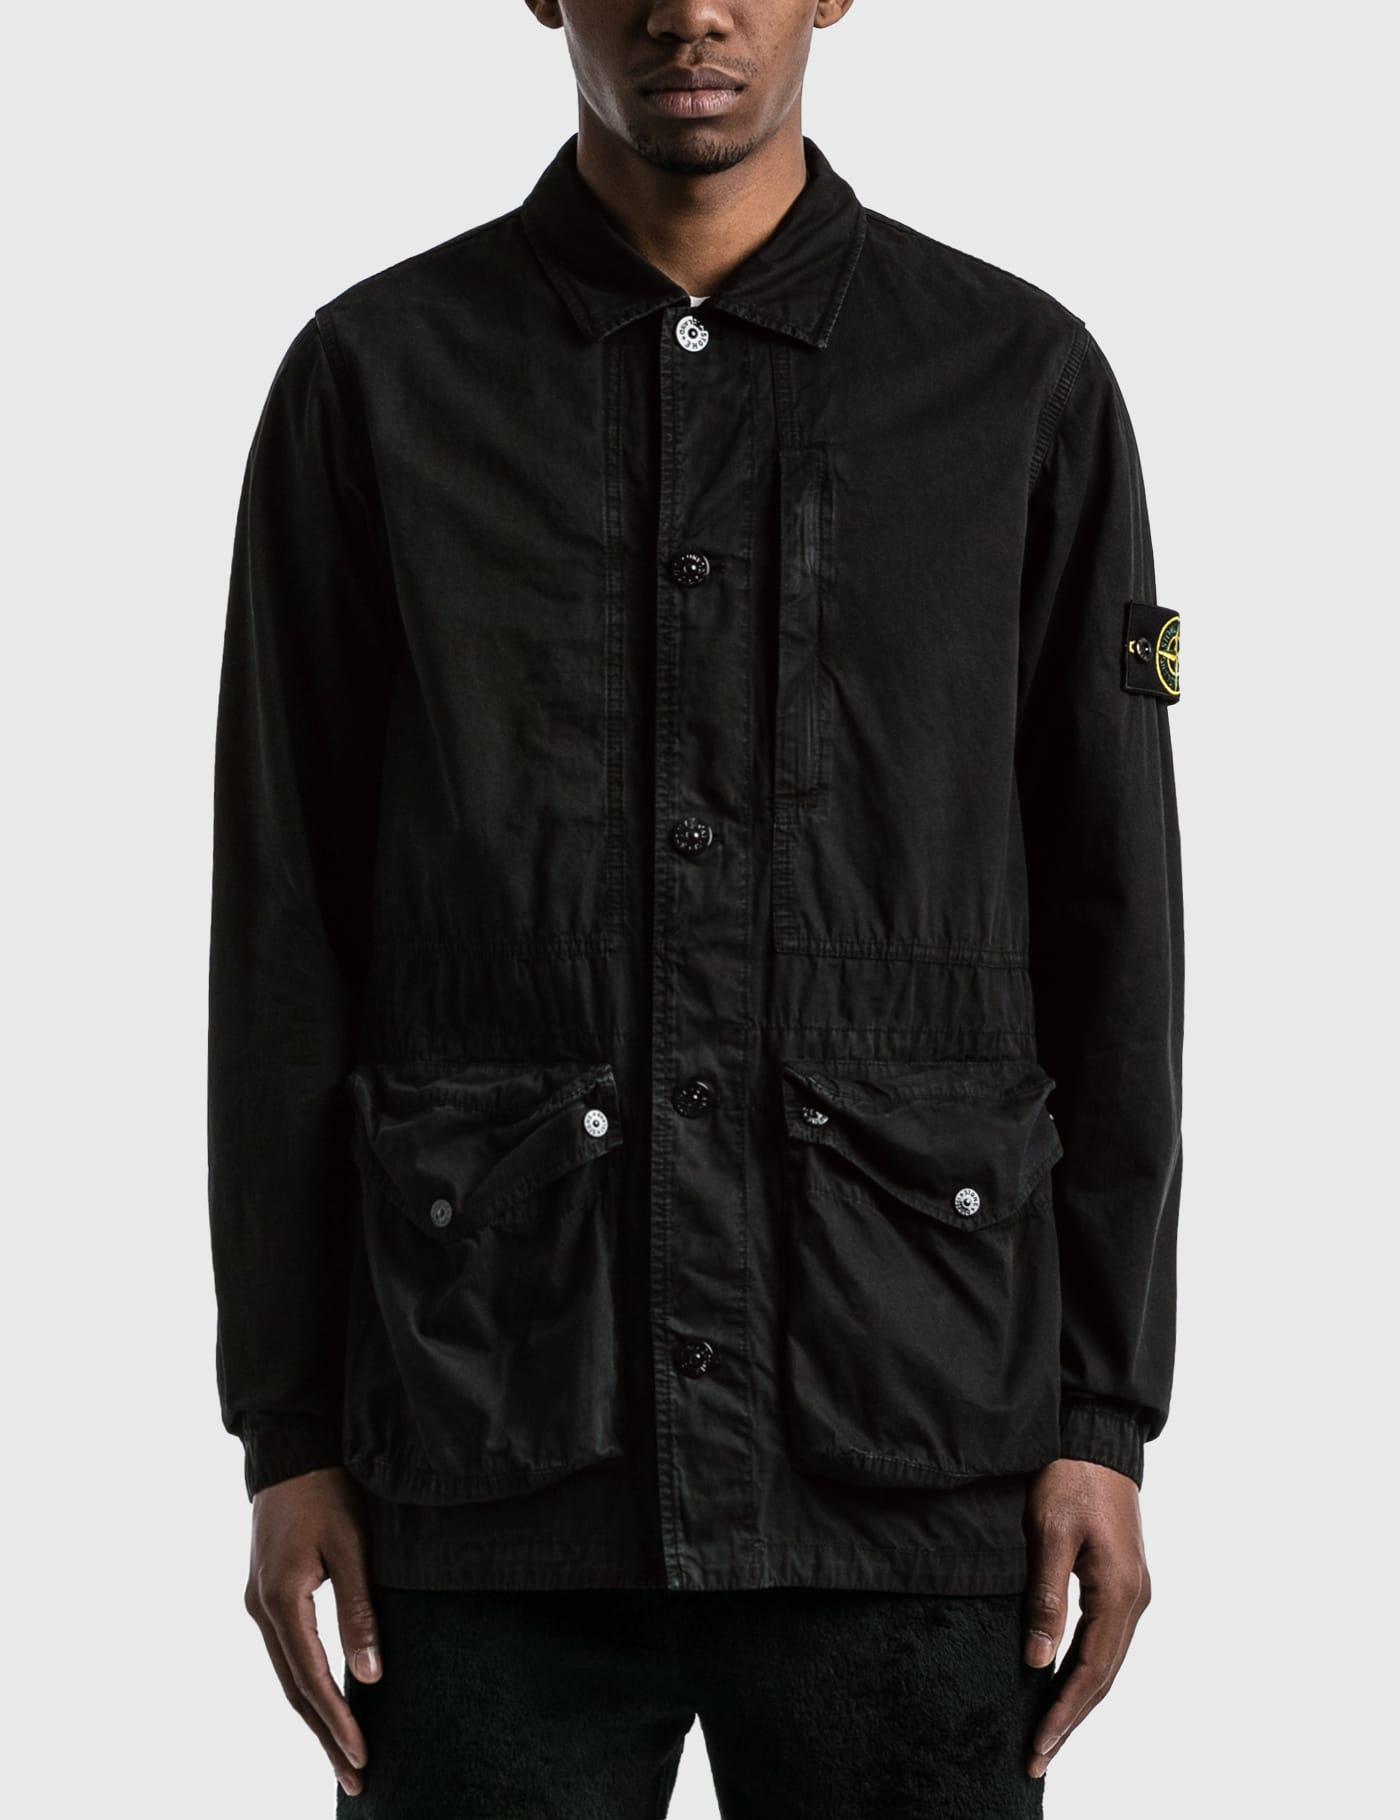 Garment Dyed 3 Pockets Jacket